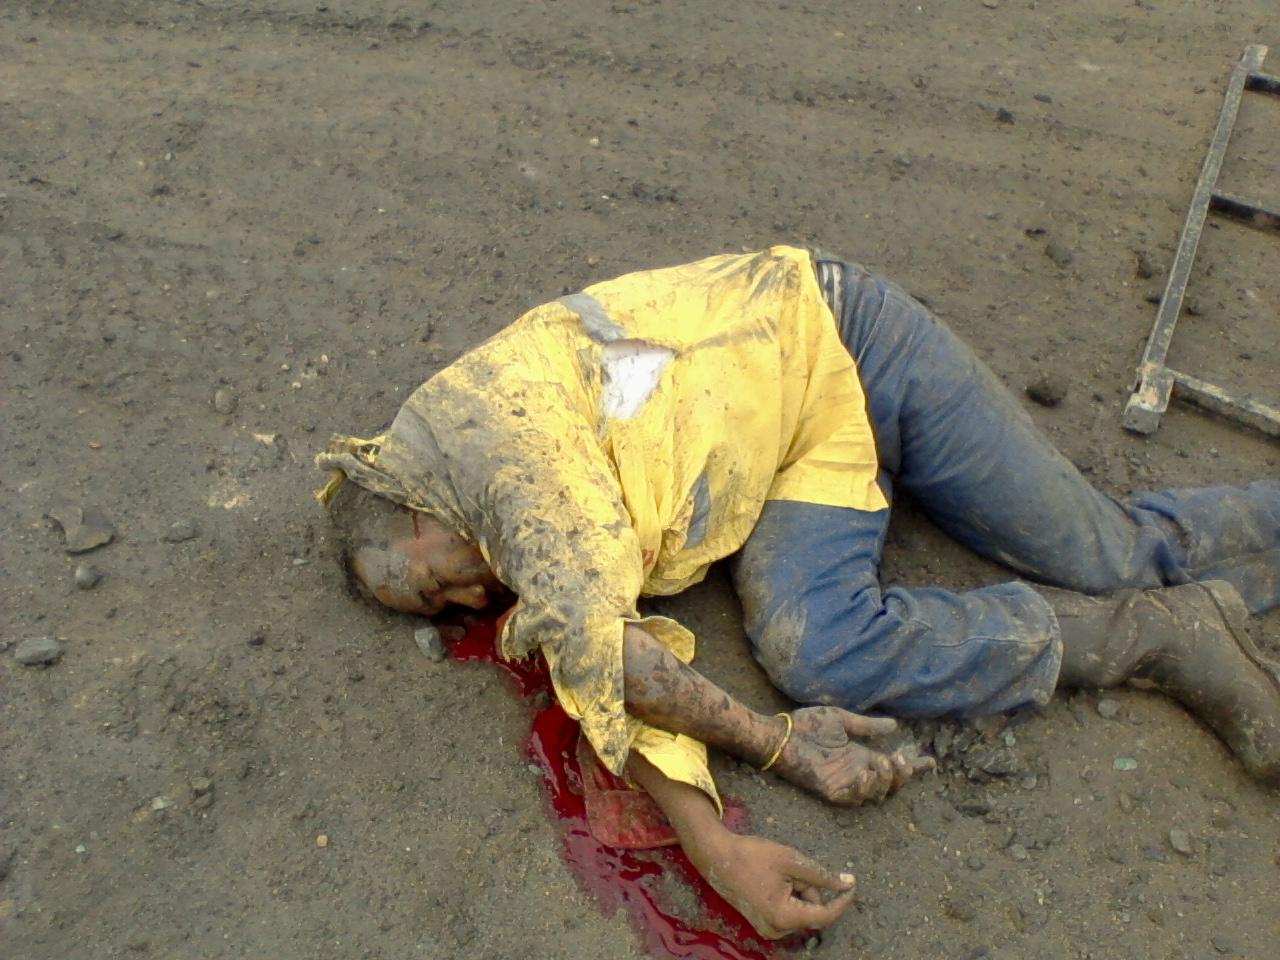 de maquinaria pesada murio tras sufrir un accidente en la mina de